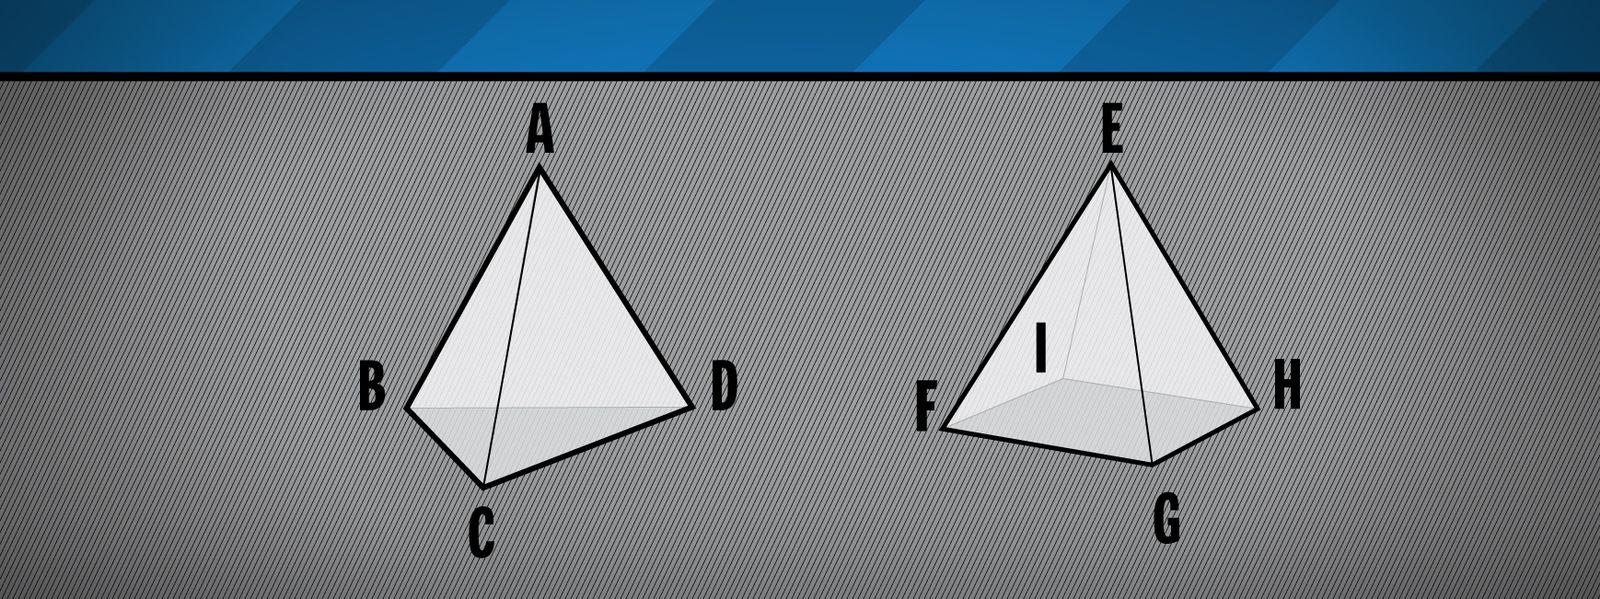 Rätsel der Woche Pyramiden